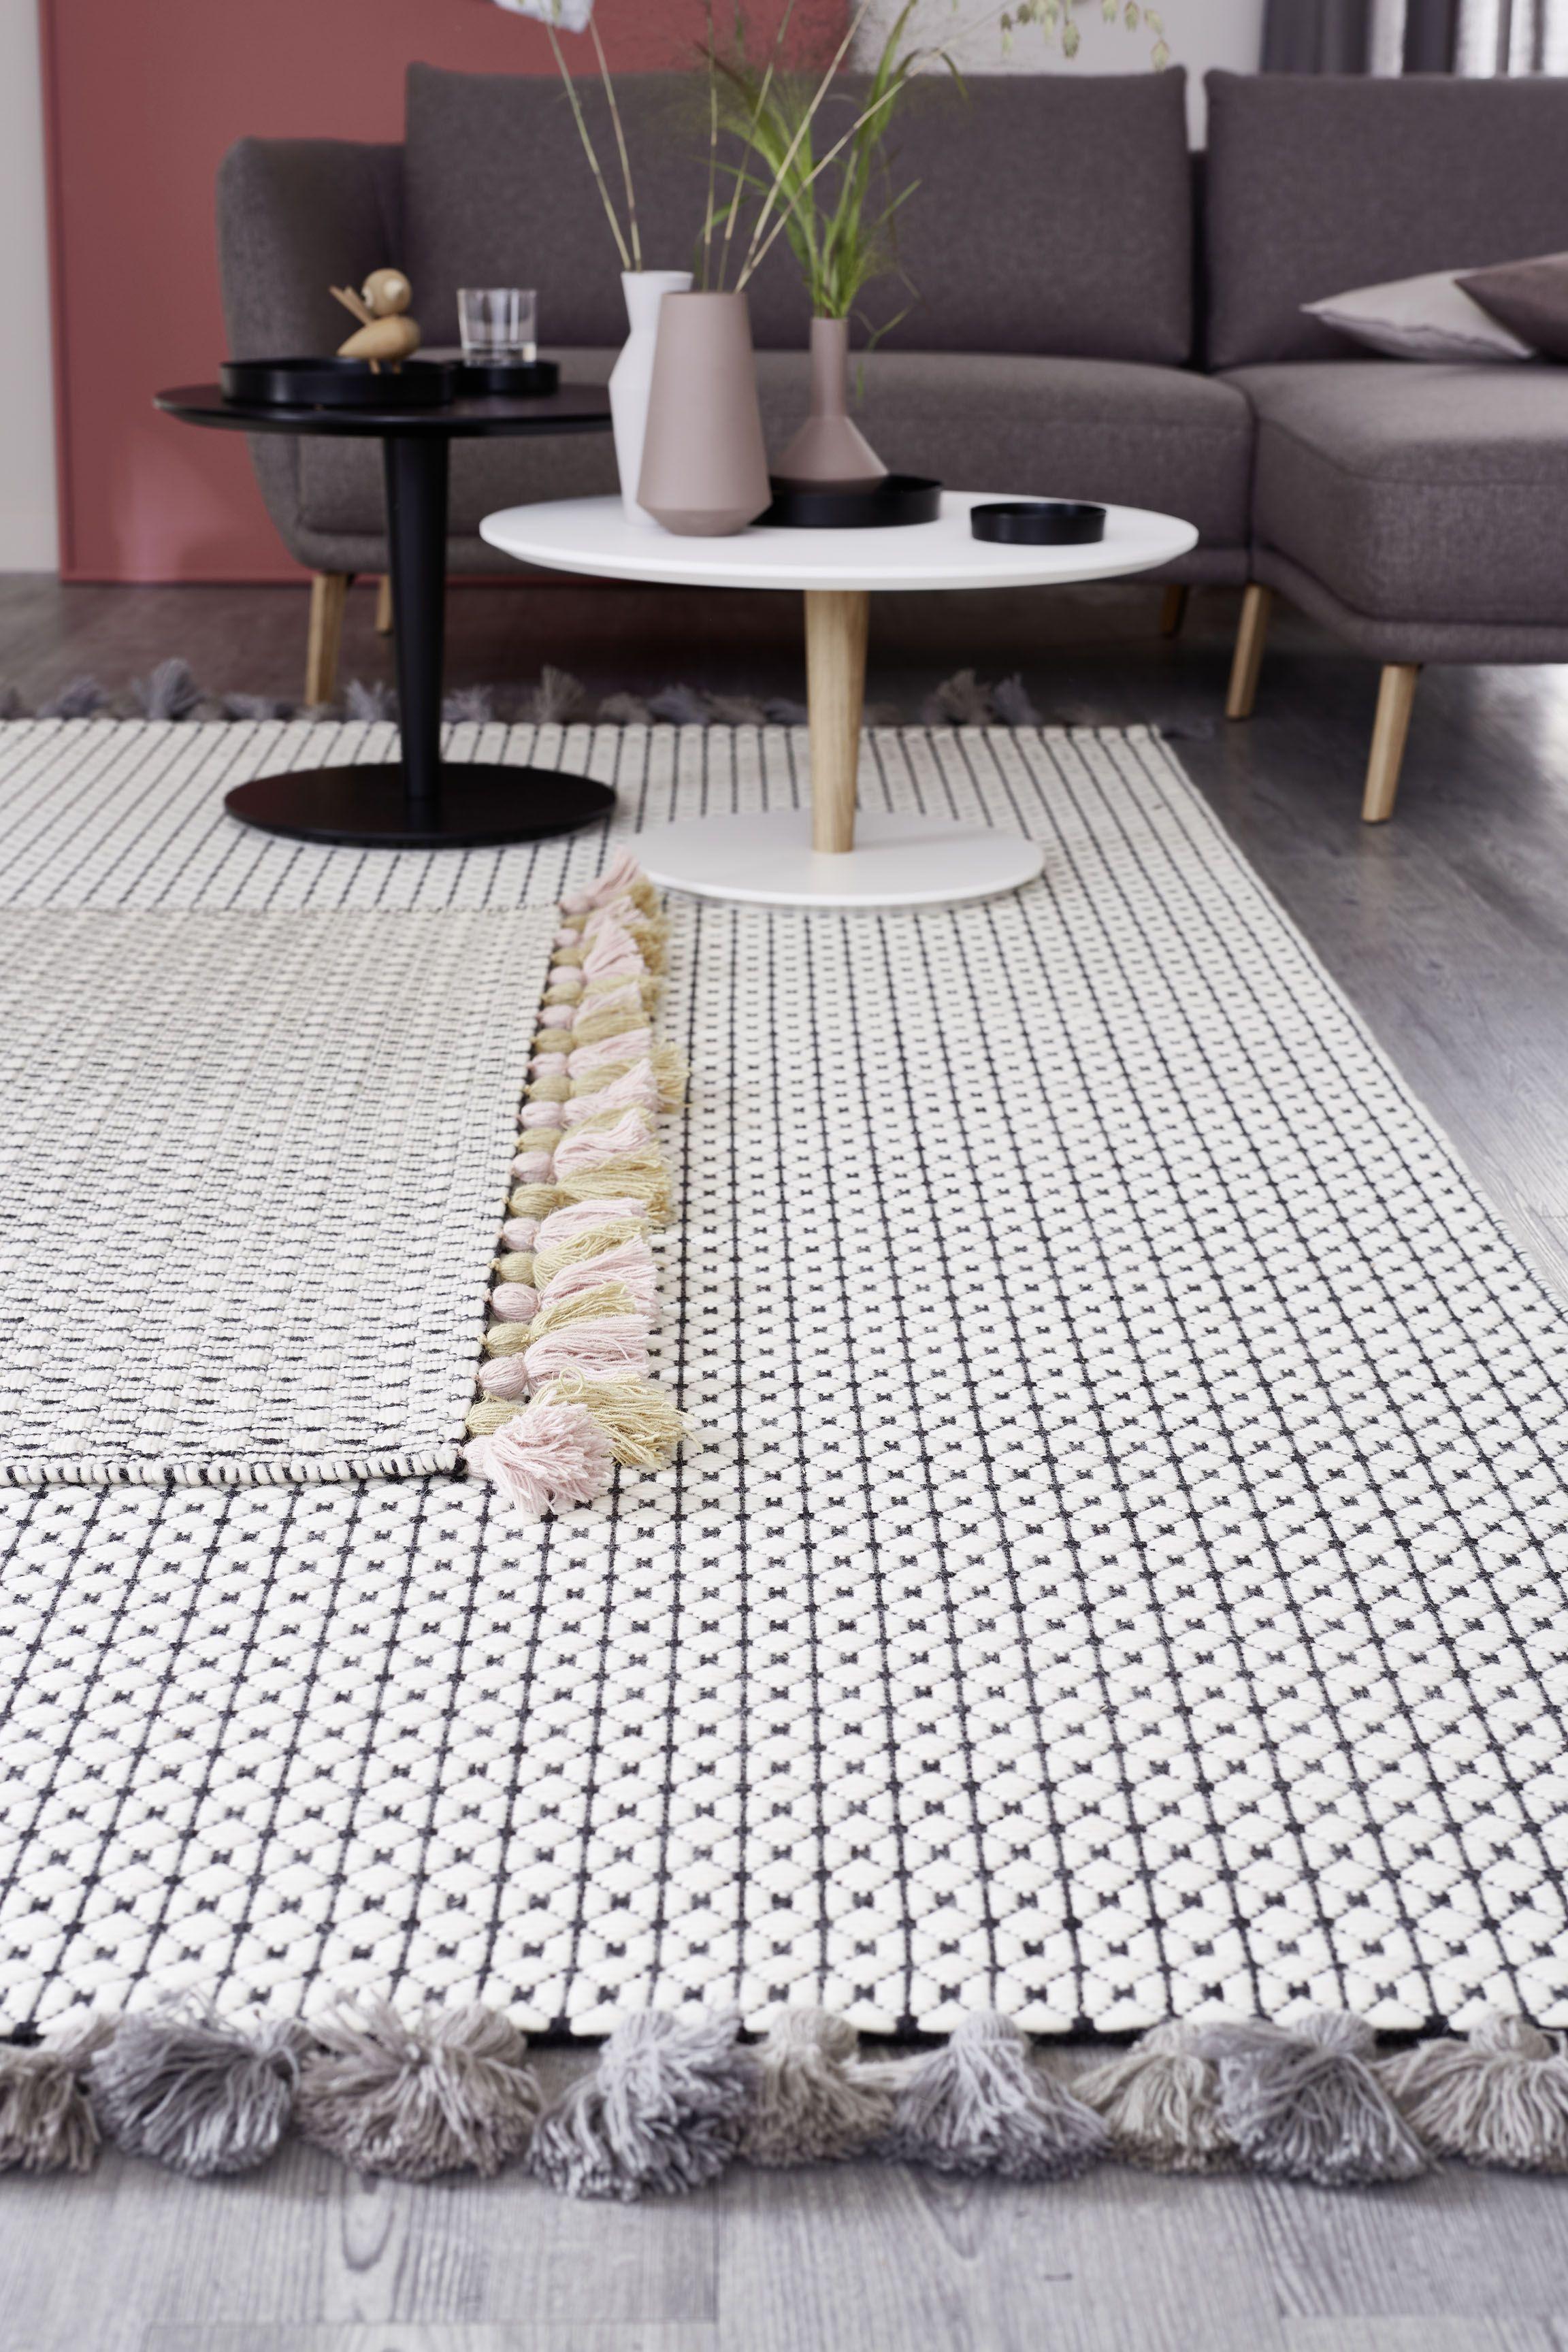 SchÖner Wohnen Kollektion Teppich Insula Teppich Dekor Teppich Schwarz Weiß